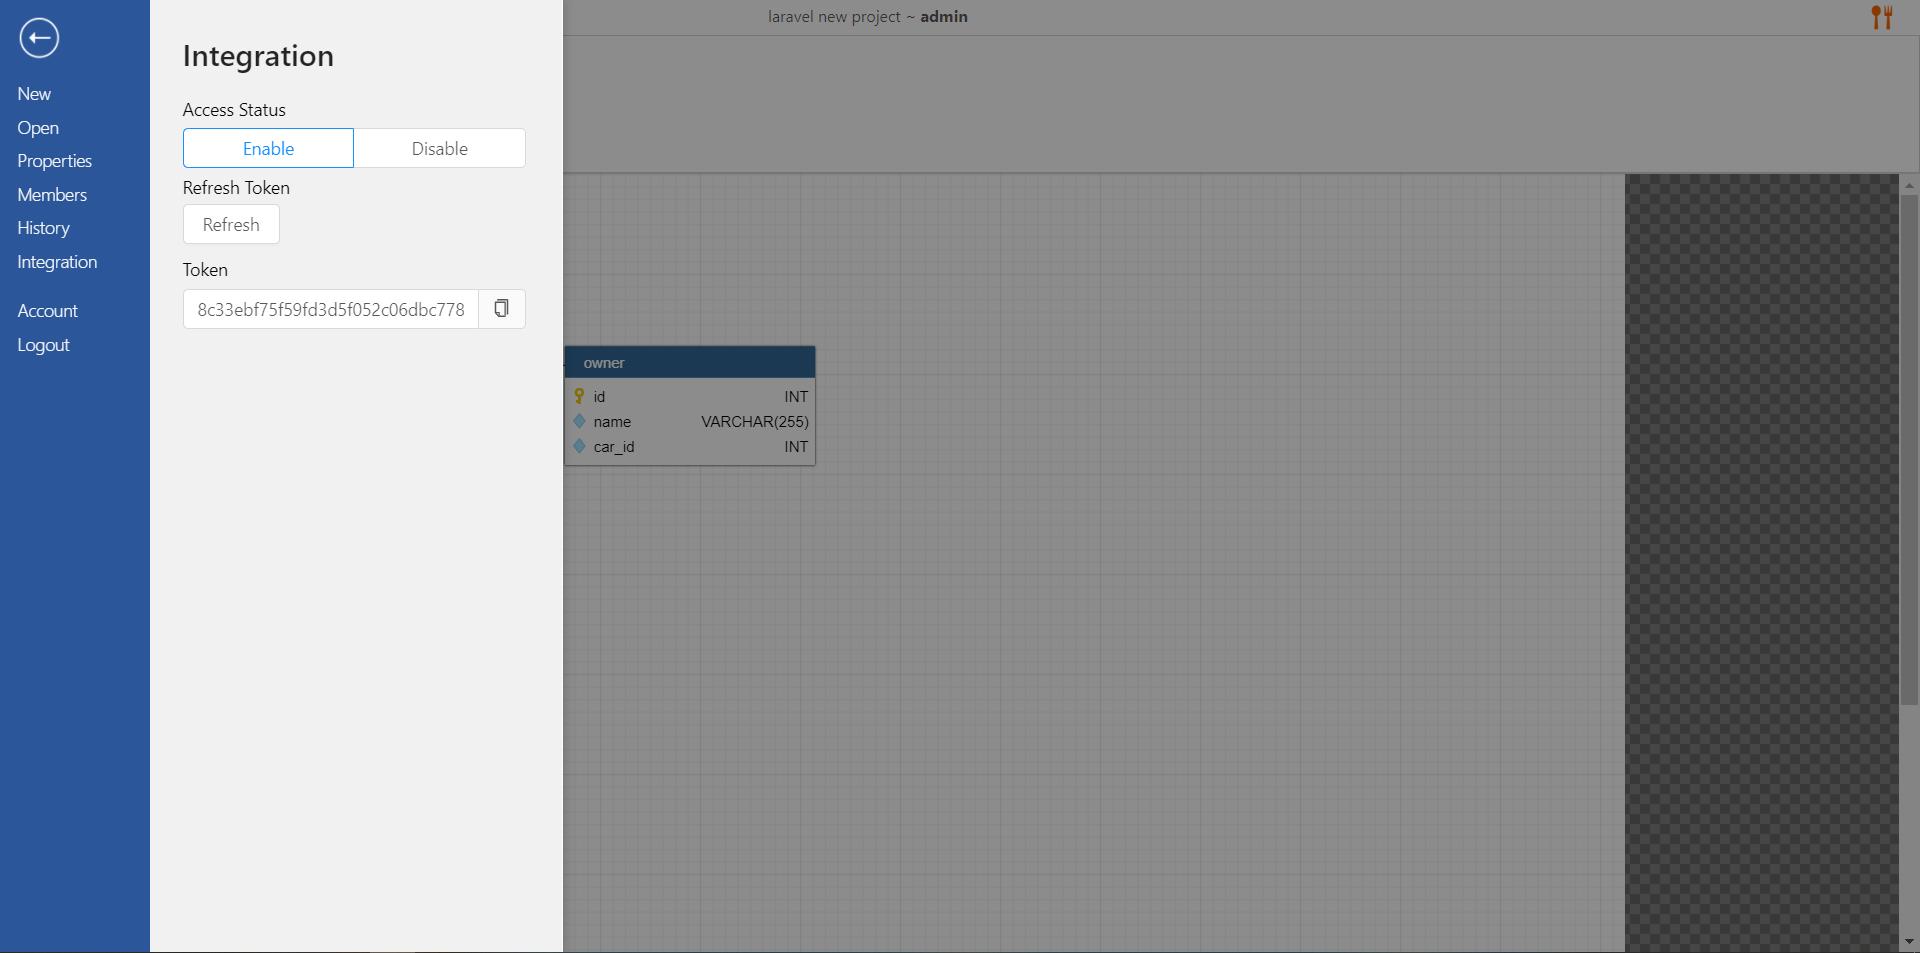 access integration in dynobird.com